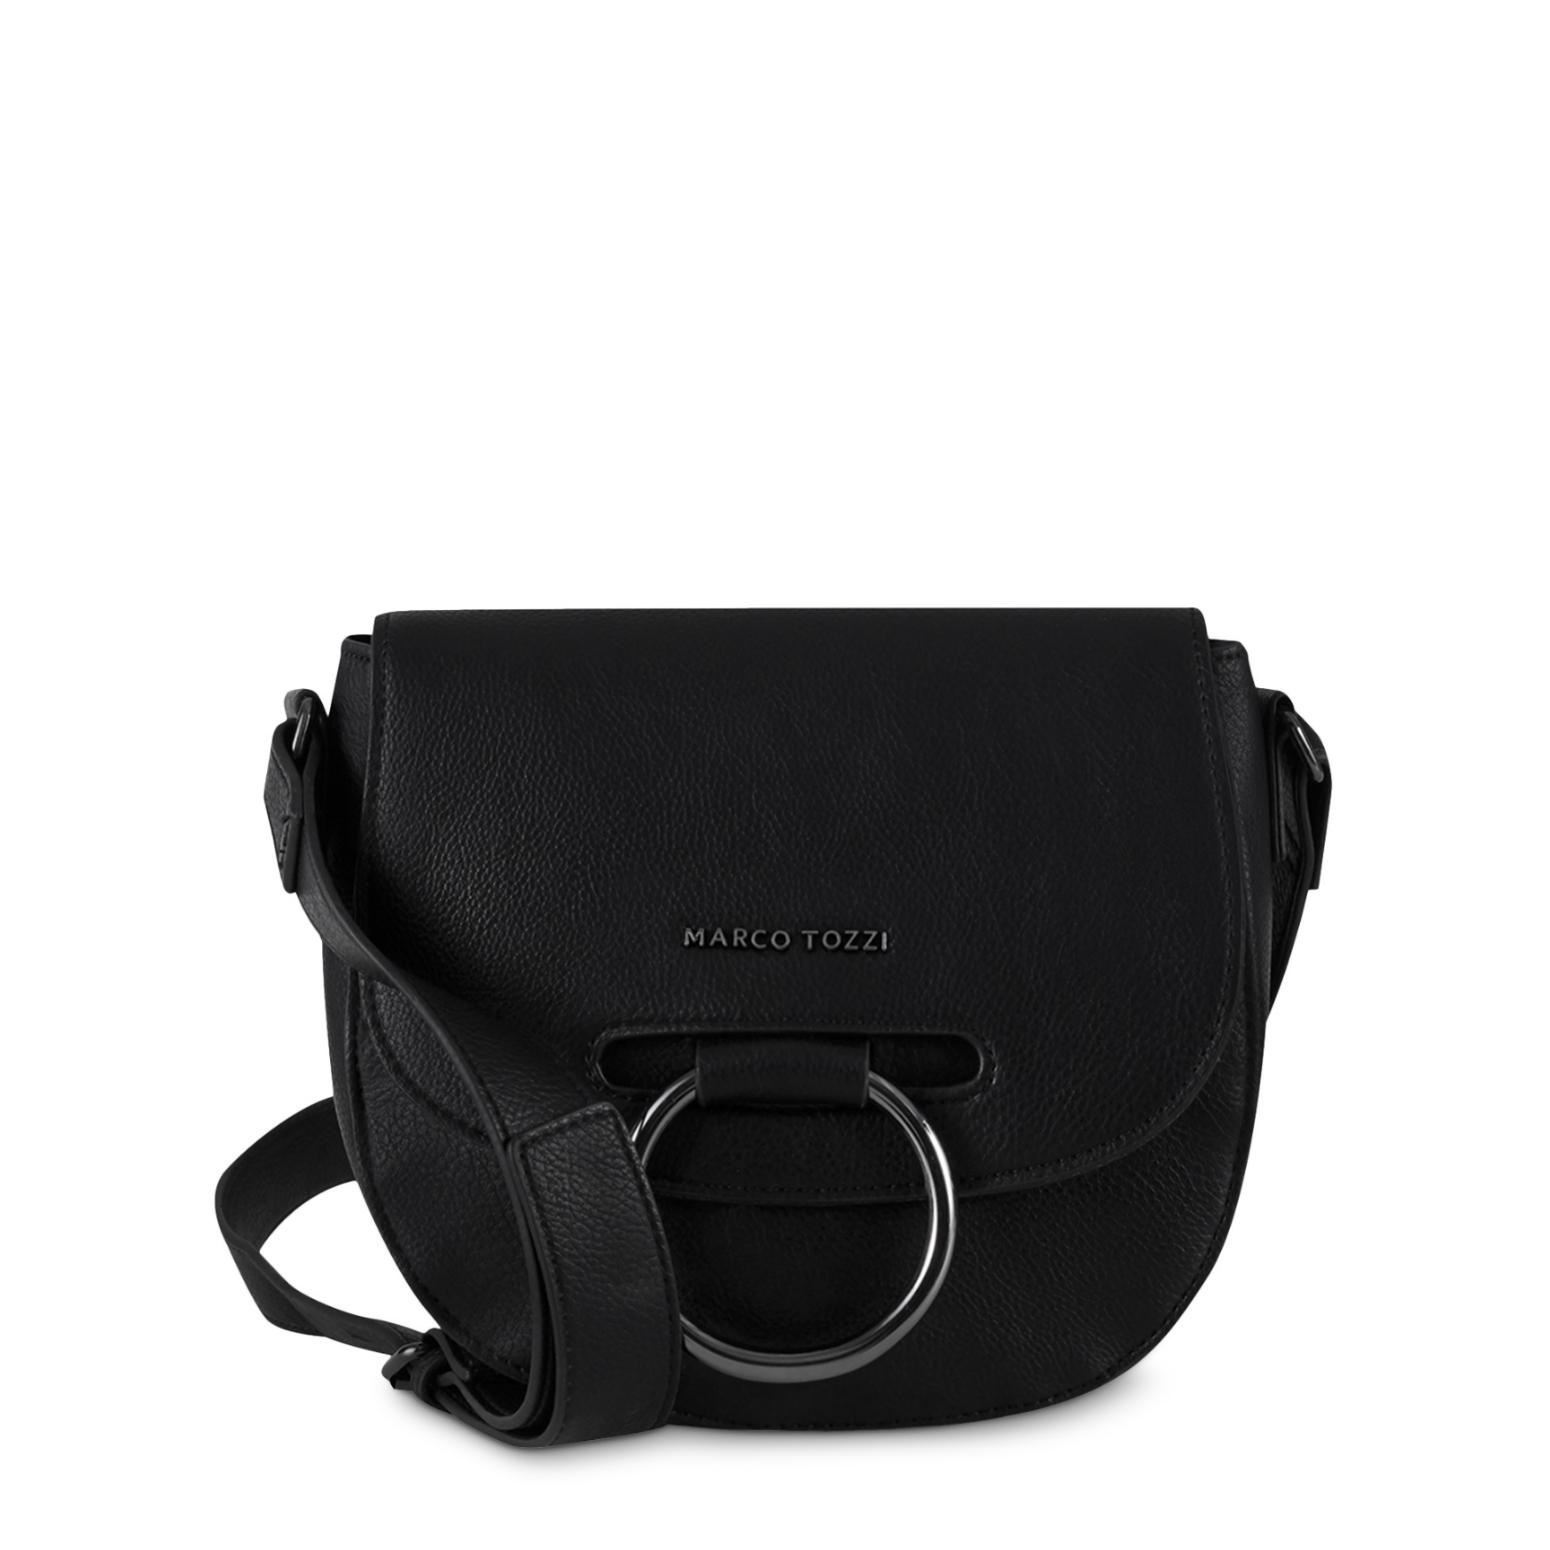 marco tozzi väska